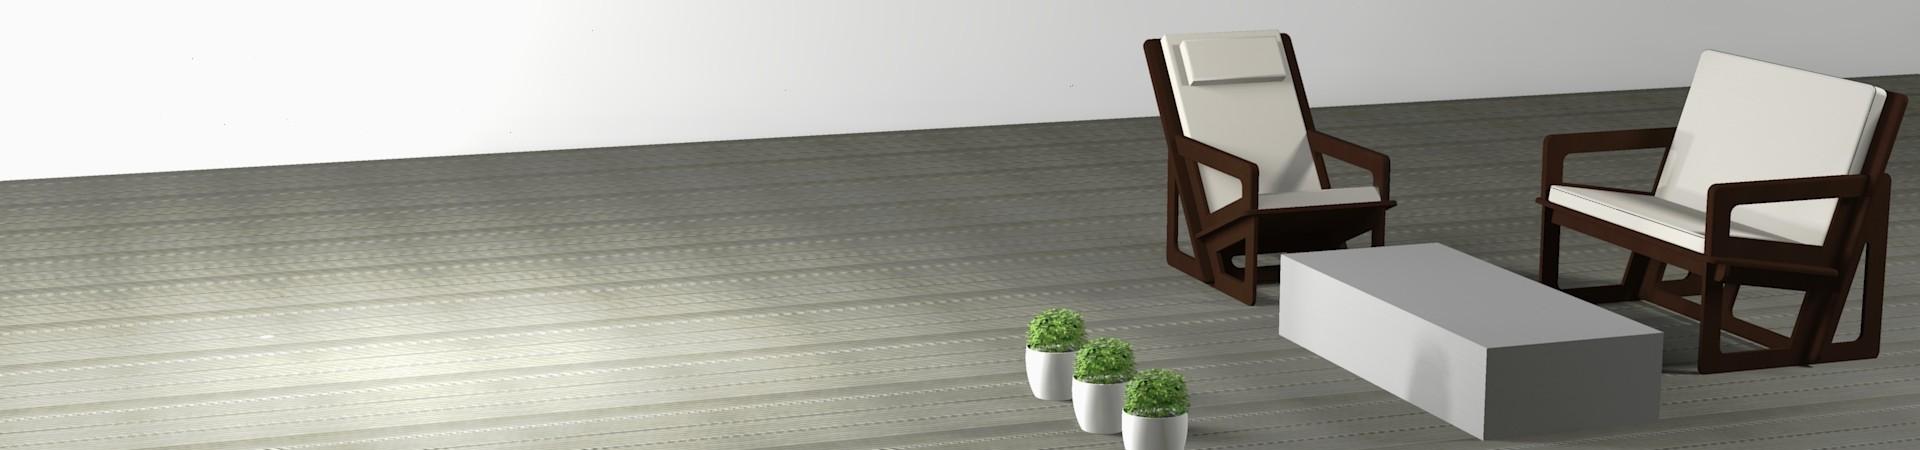 Salon de jardin sur-mesure